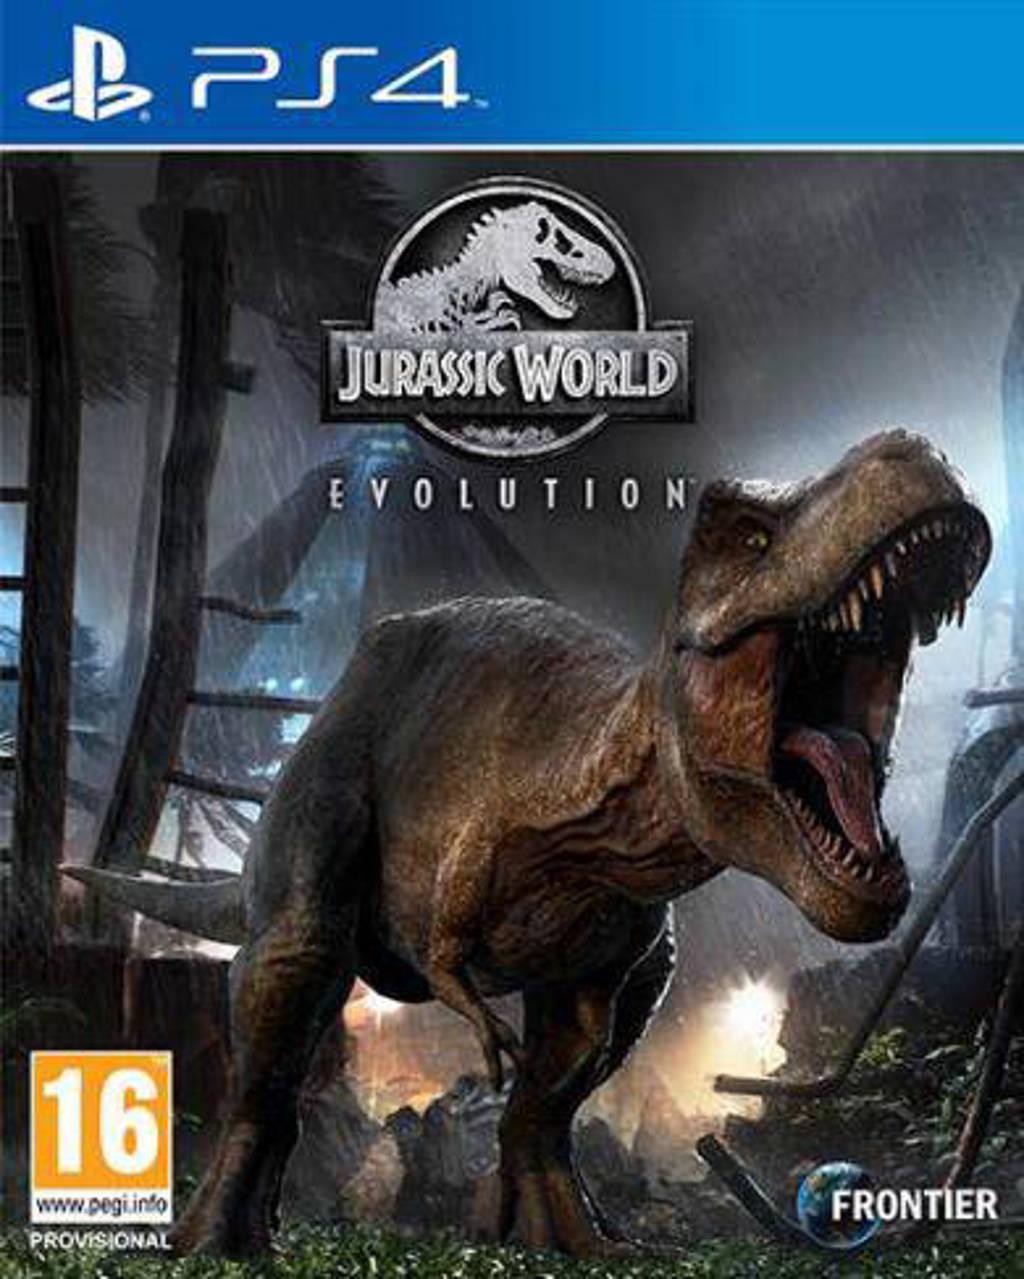 Jurassic world - Evolution (PlayStation 4)